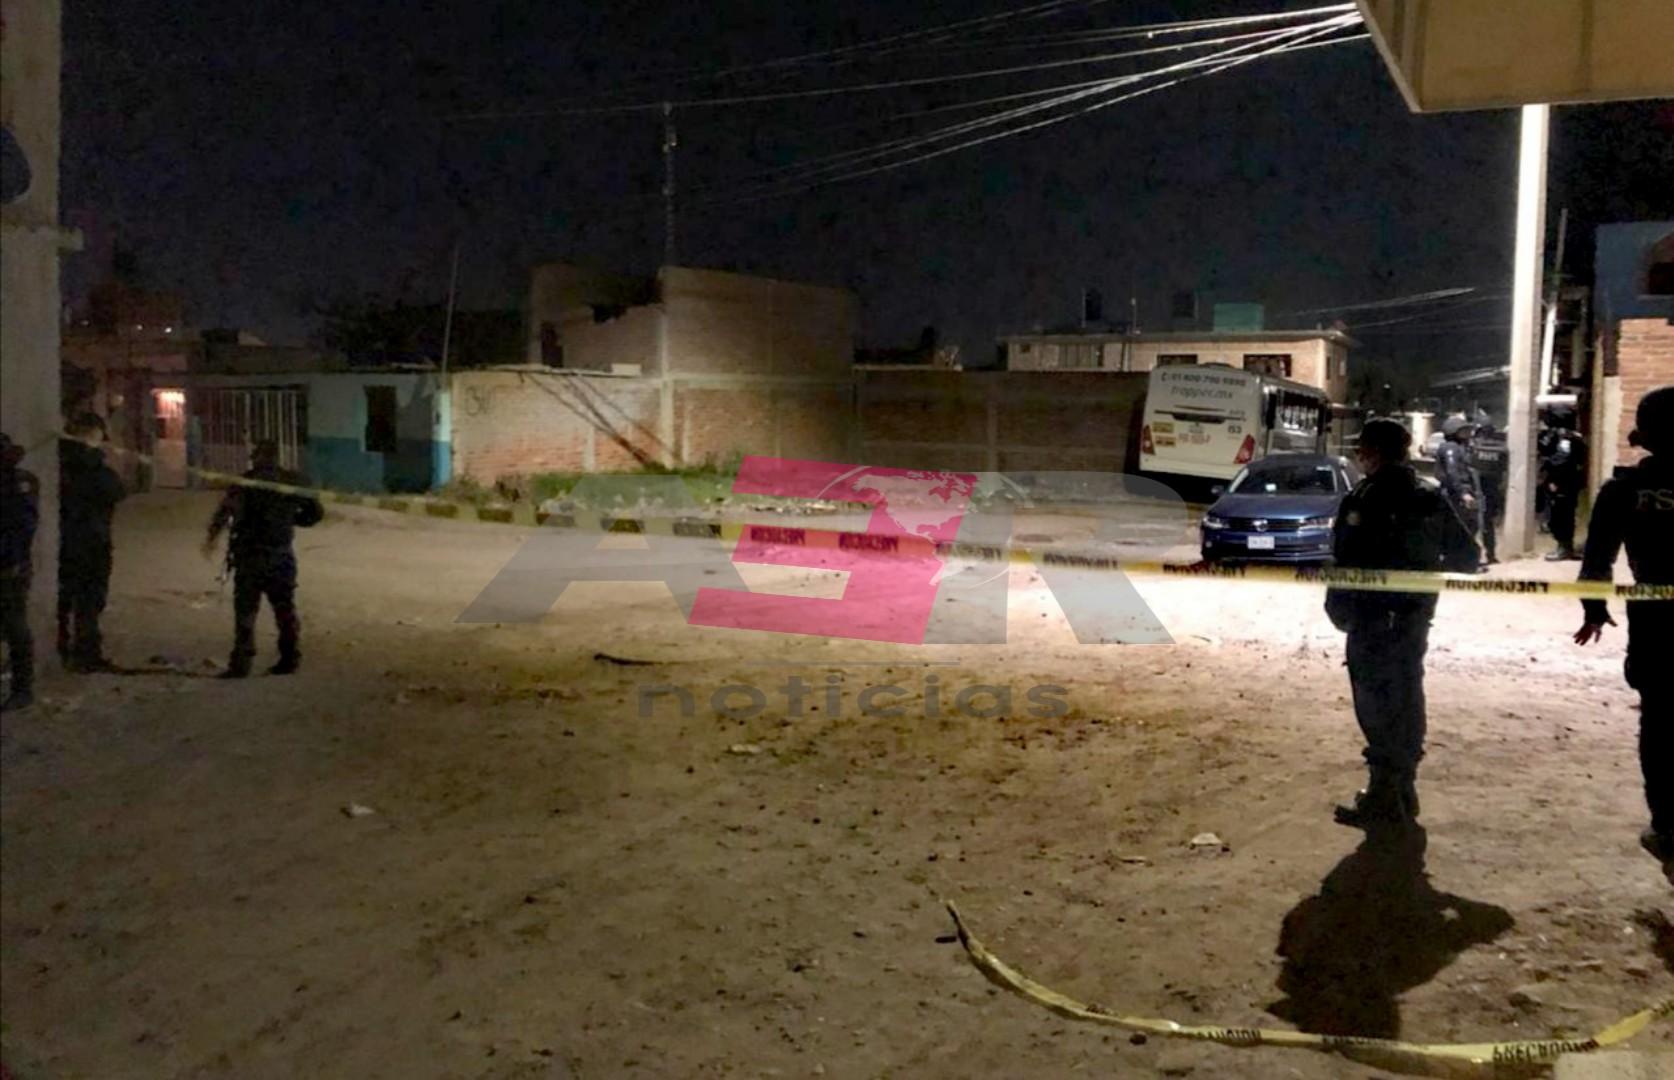 La FGE sólo investiga el asesinato de un hombre en la col. Constitución de Apatzingán, de la balacera no hay informes. 3